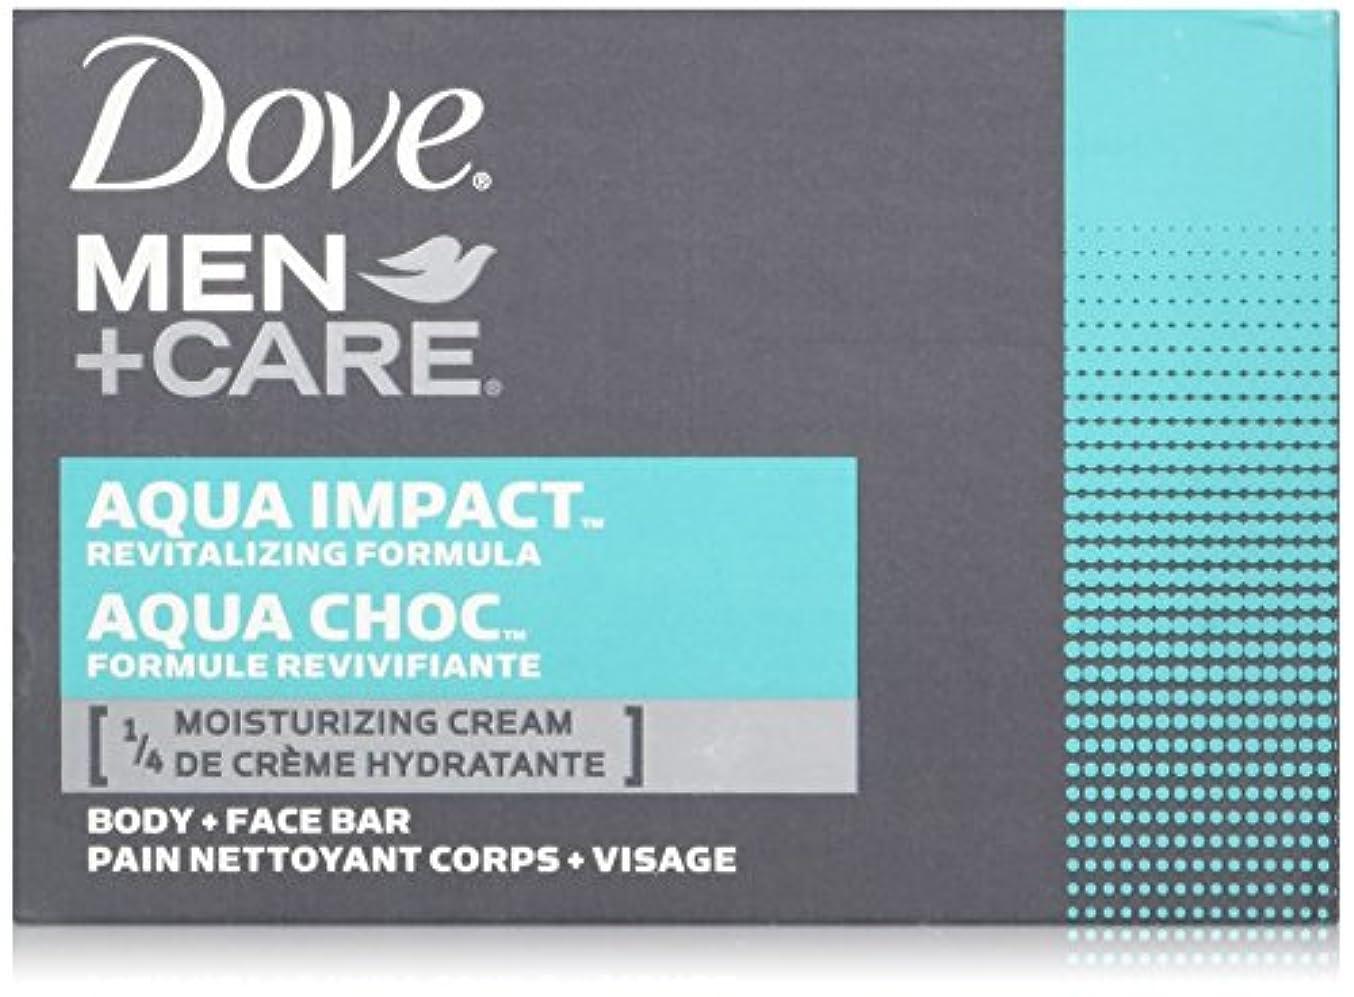 誘惑夜から聞くDove Men + Care Body and Face Bar, AQUA IMPACT 4oz x 6soaps ダブ メン プラスケア アクアインパクト 固形石鹸 4oz x 6個パック